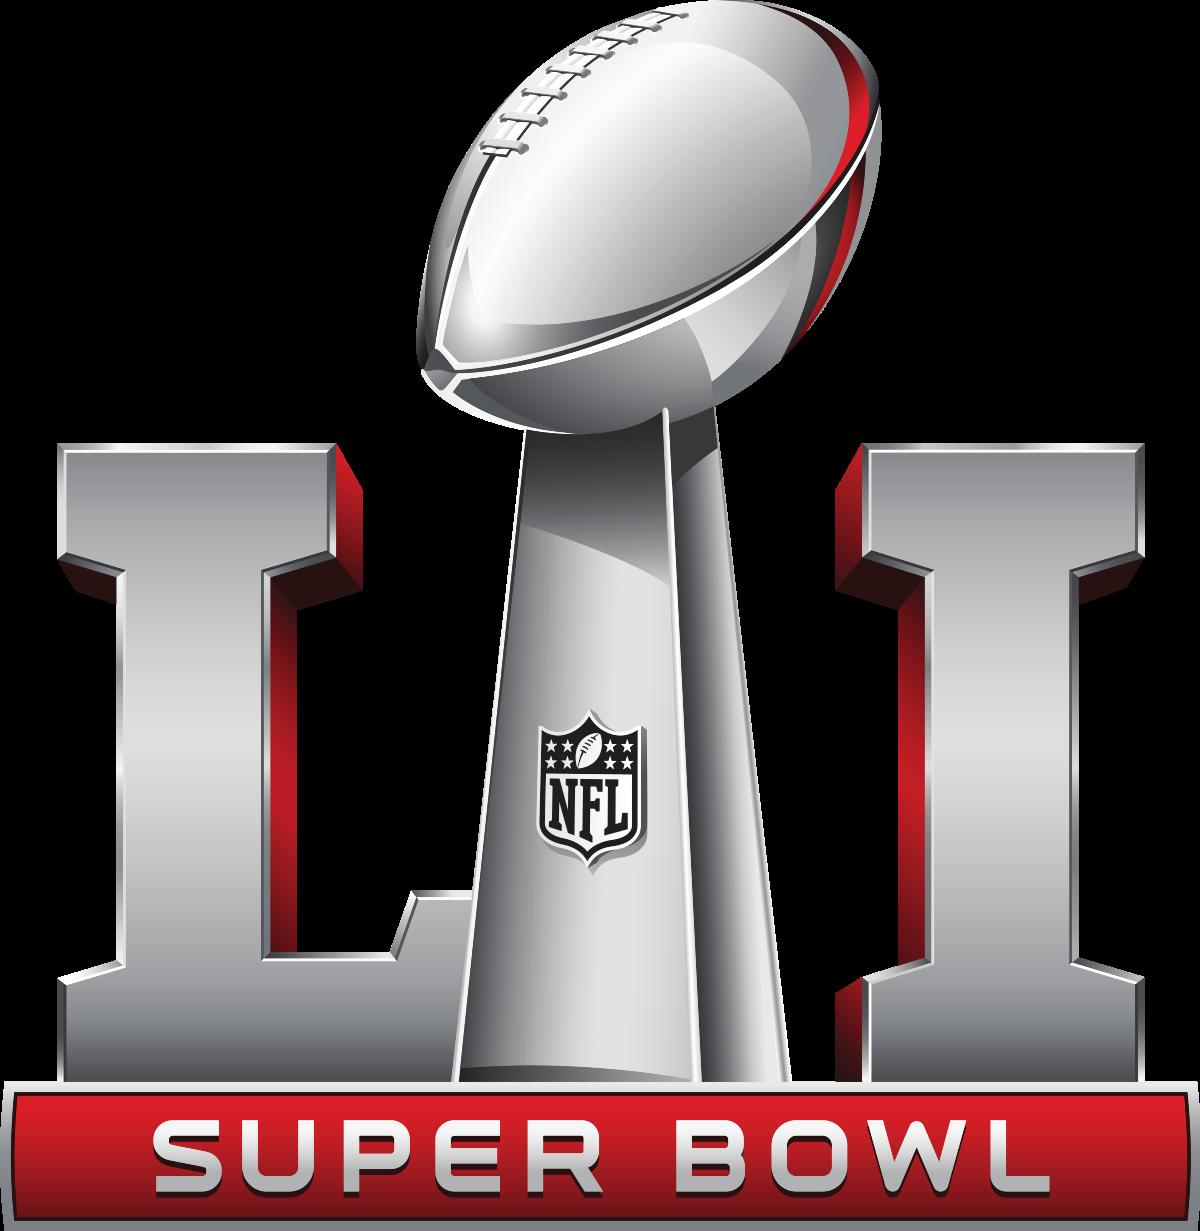 Floridassa, Miami Gardenissa pelattavassa ottelussa kohtaavat Kansas City Chiefs ja San Francisco 49ers. Vedonlyönti kasinot käyvät kuumana.